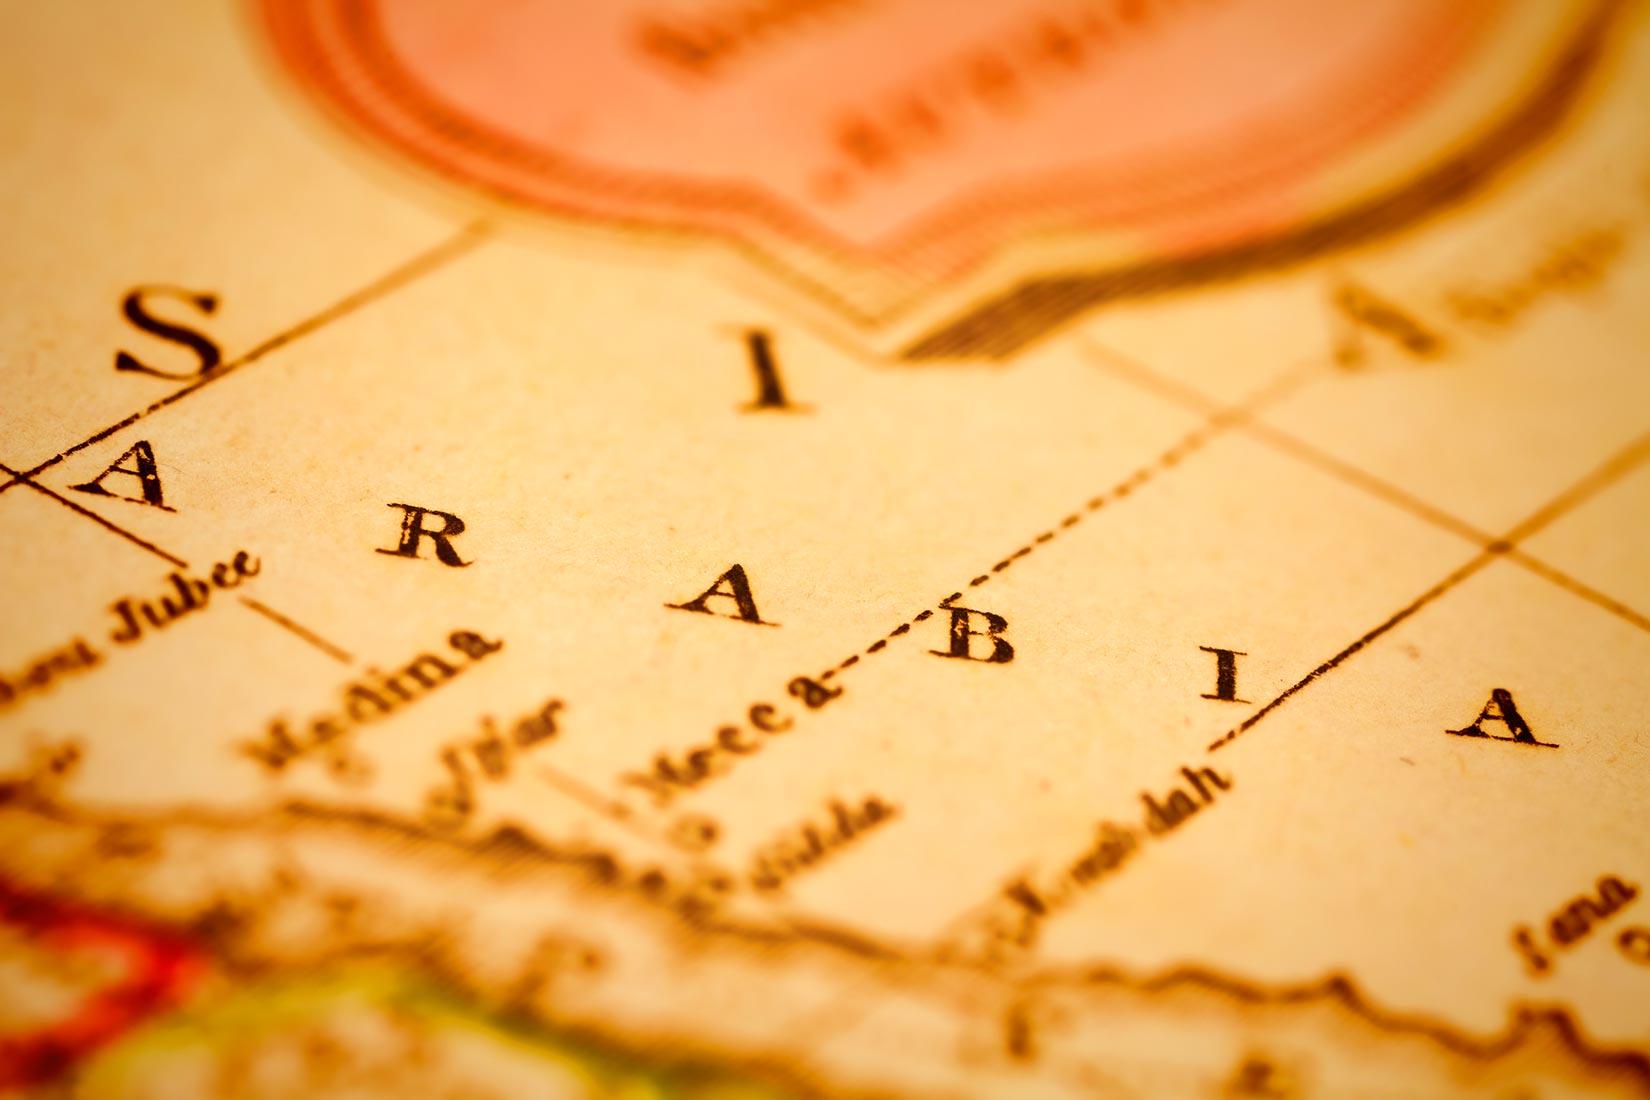 アラビア半島東岸の歴史的な亀裂